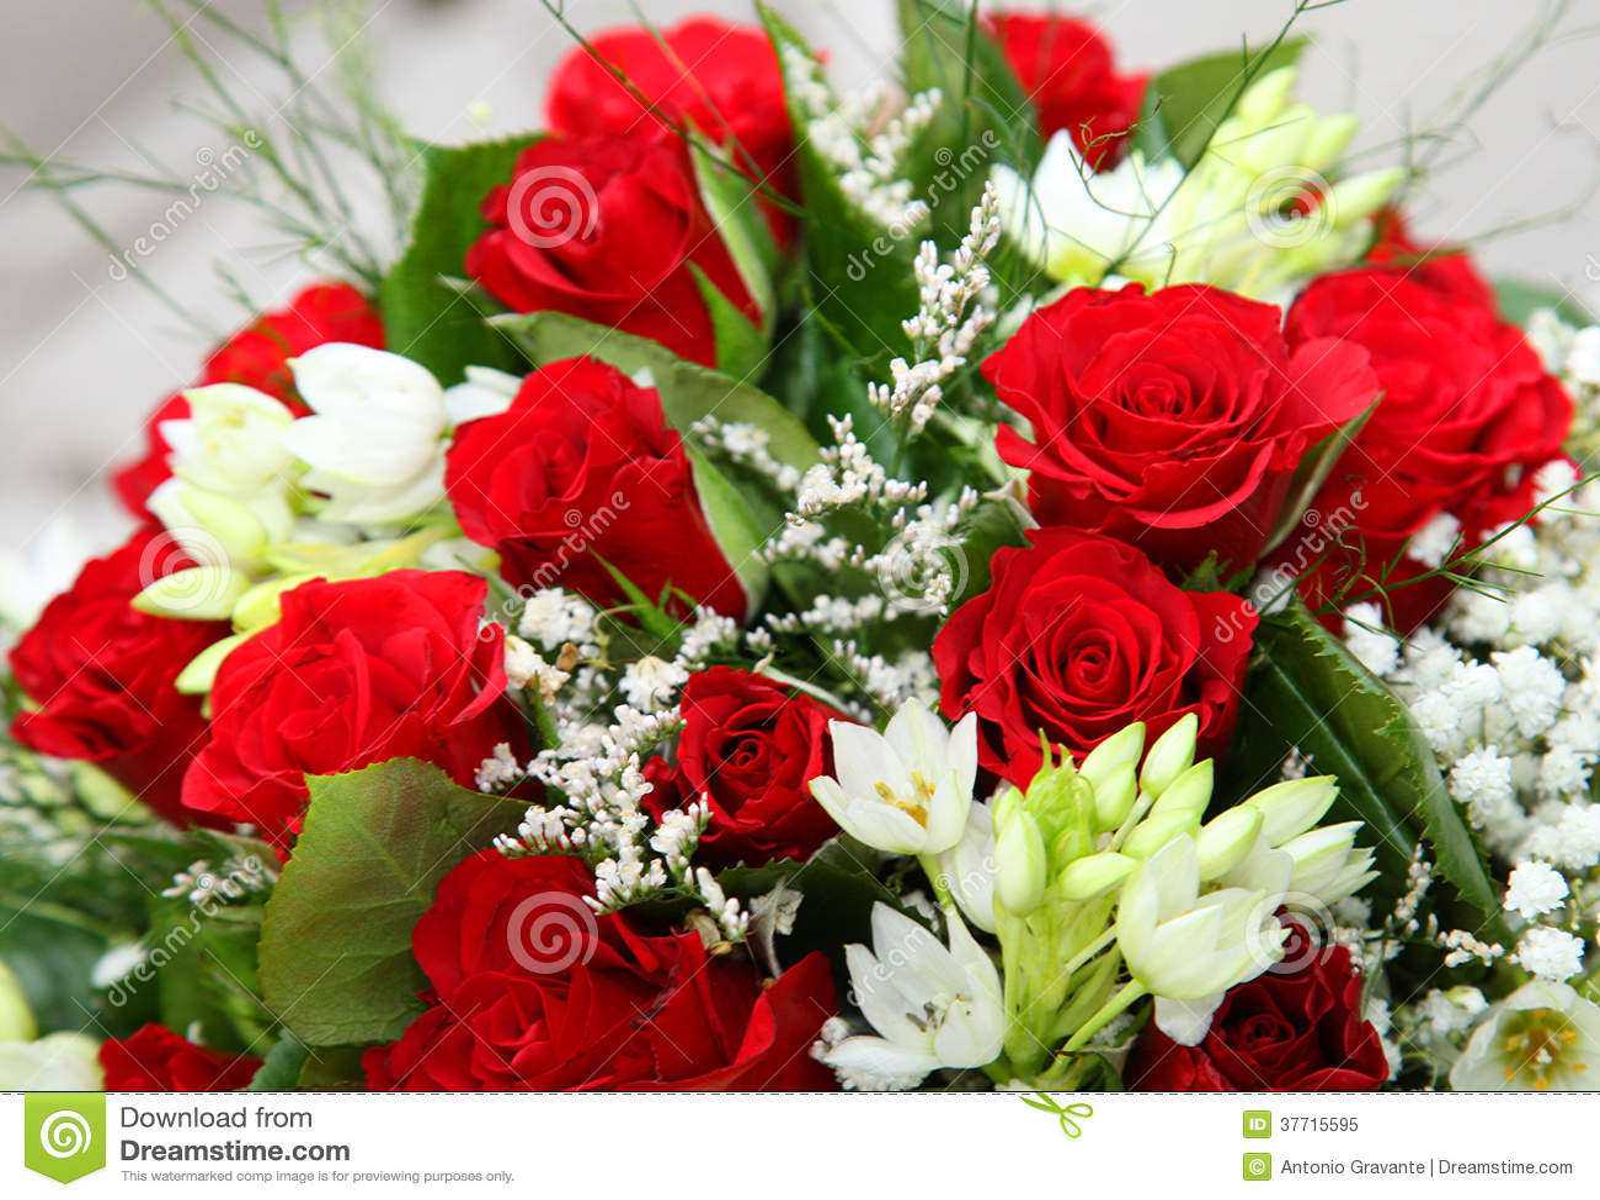 Bouquet de fleur des roses rouges photo libre de droits for Bouquet de fleurs lumineux